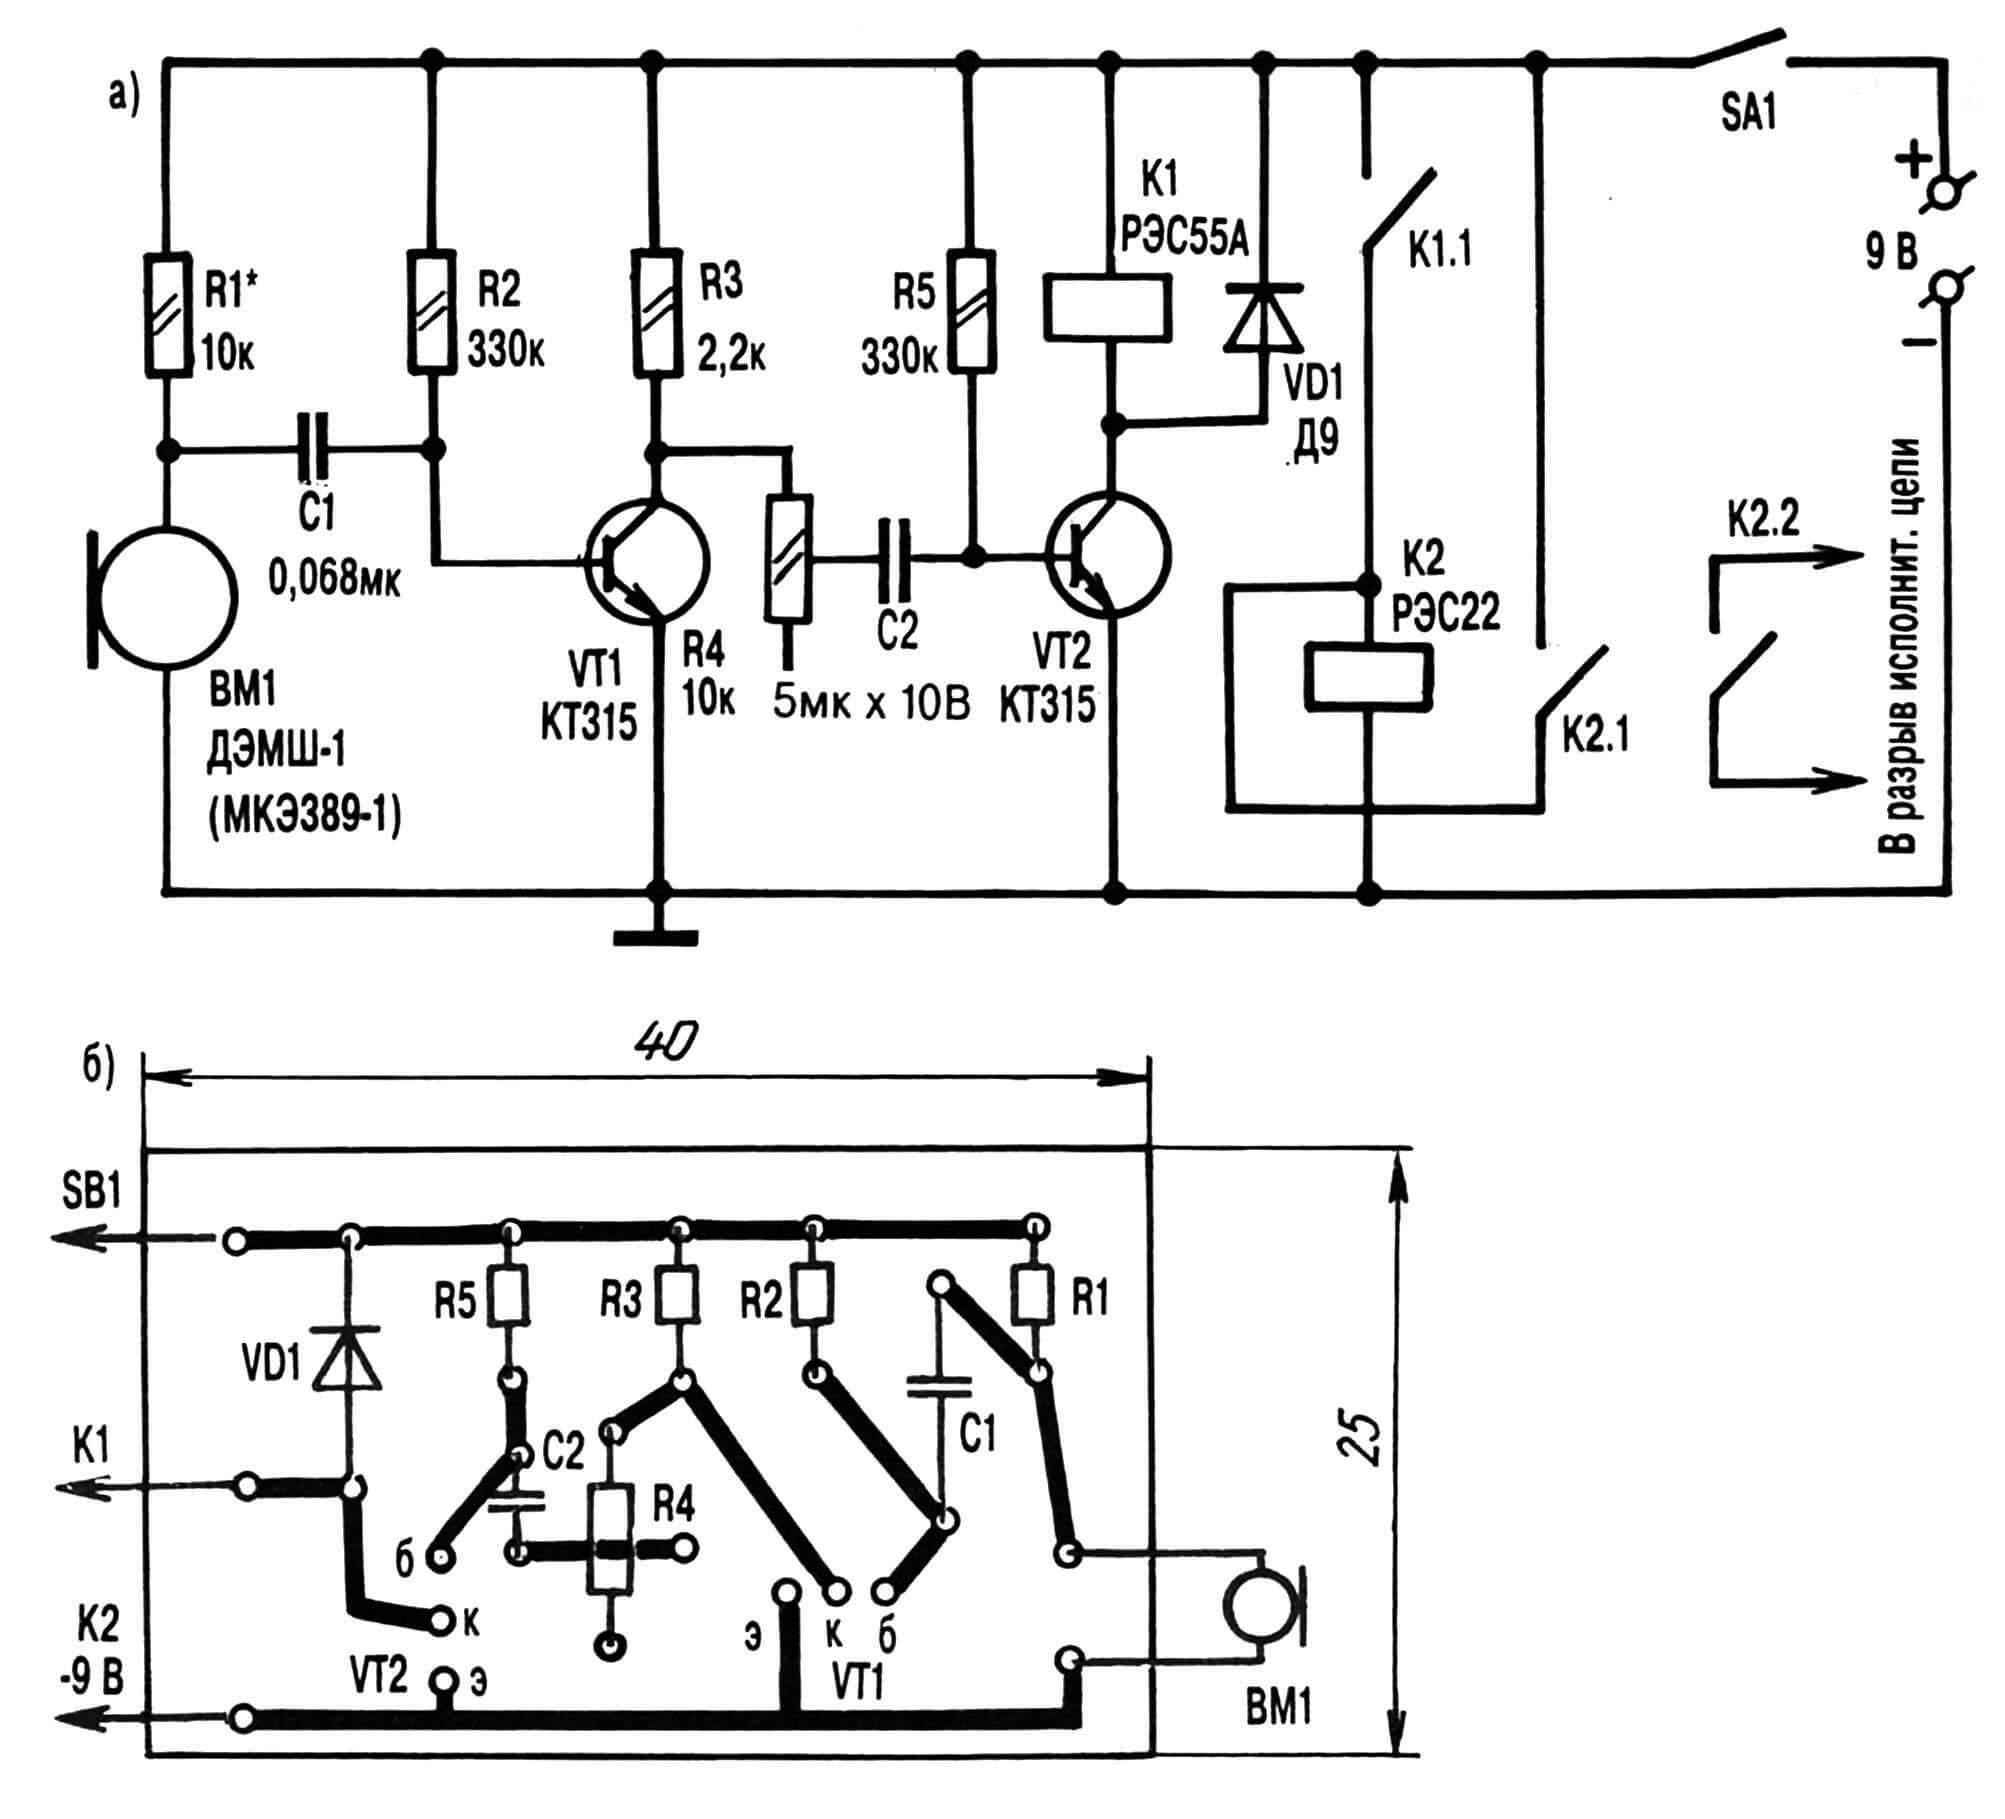 Принципиальная электрическая схема (а) и печатная плата (б) самодельного акустического реле; при работе с электродинамическим микрофоном резистор R1* не используется.